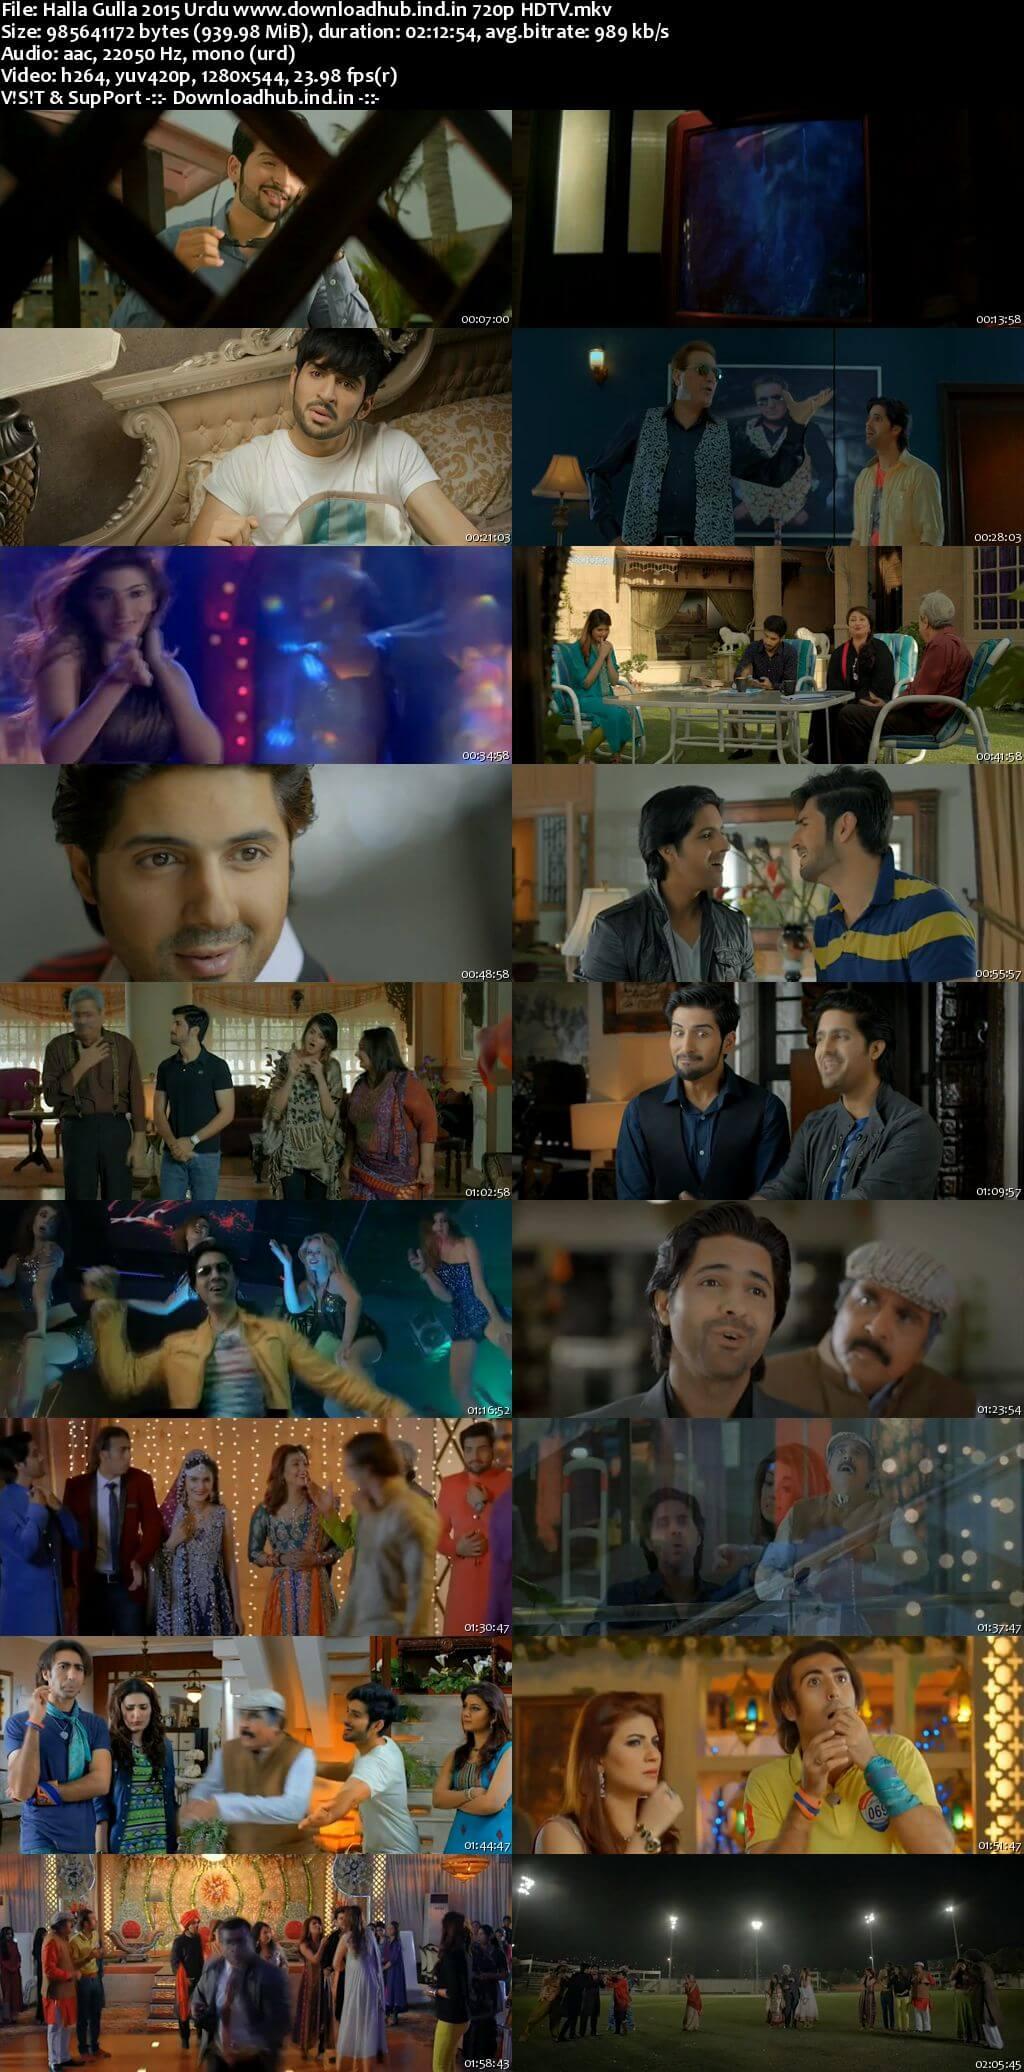 Halla Gulla 2015 Urdu 720p HDTV x264